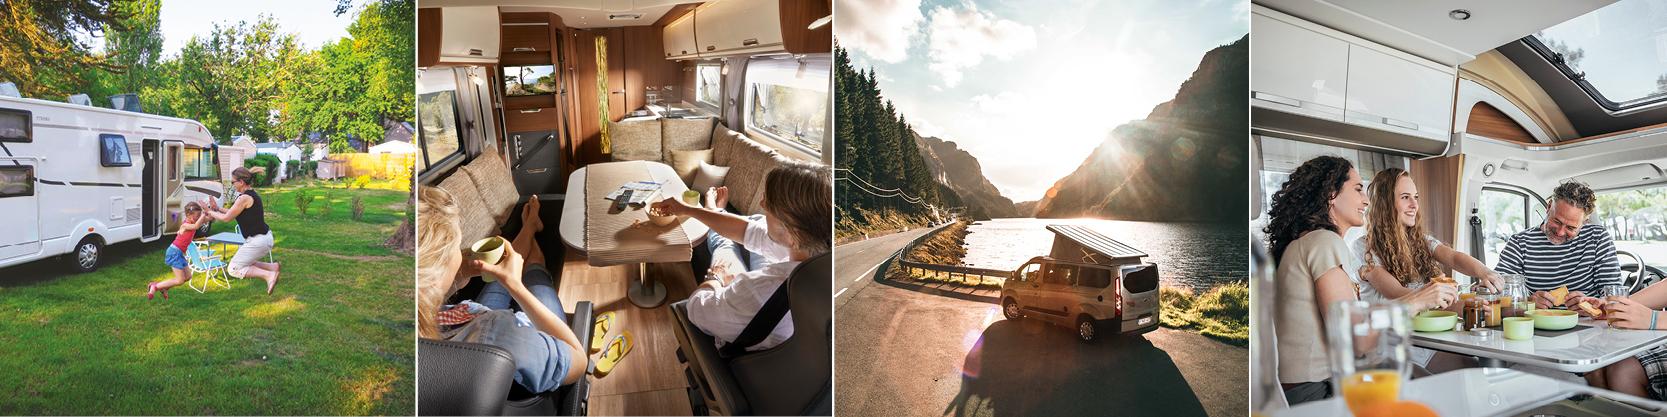 Veilig reizen met motorhomes